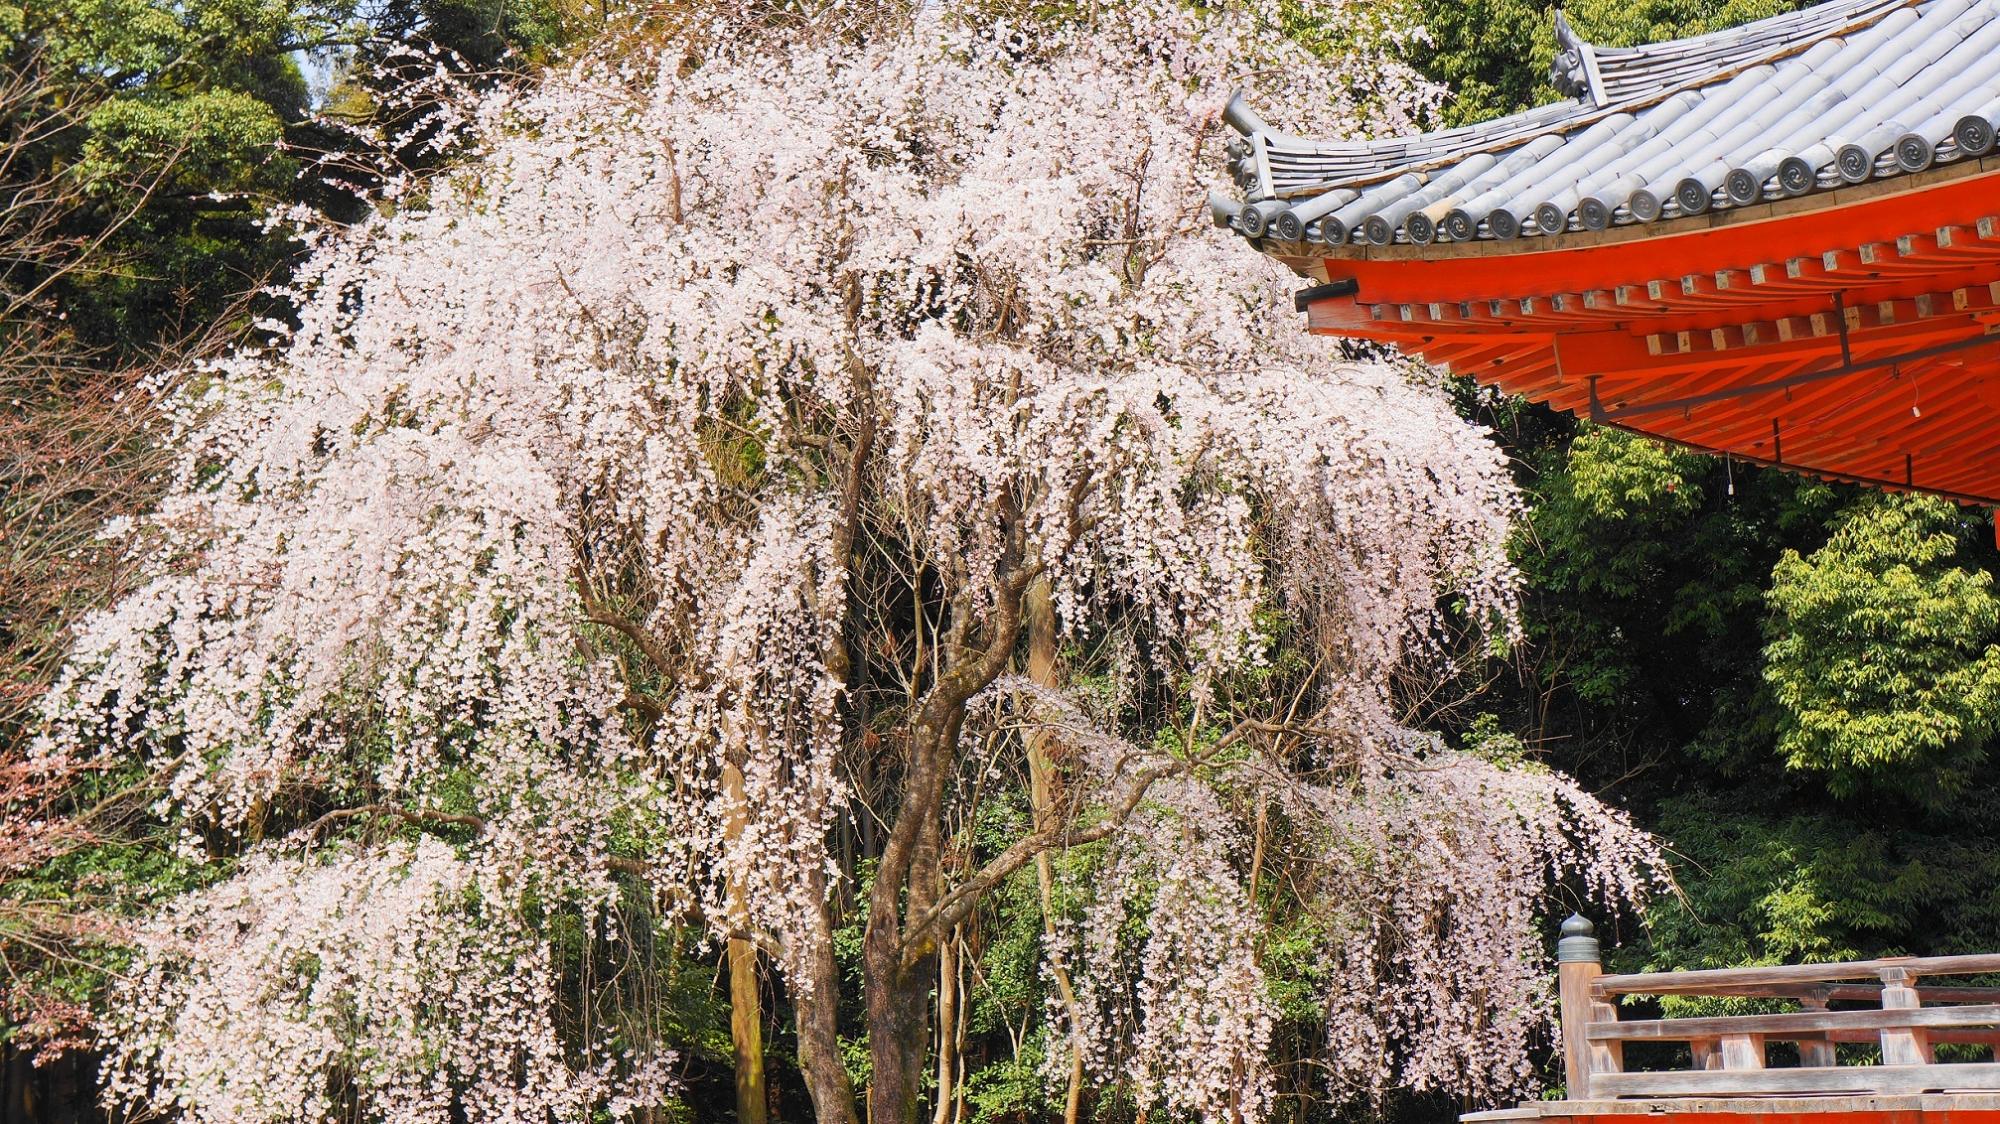 醍醐の花見で有名な醍醐寺の金堂横の満開の豪快なしだれ桜